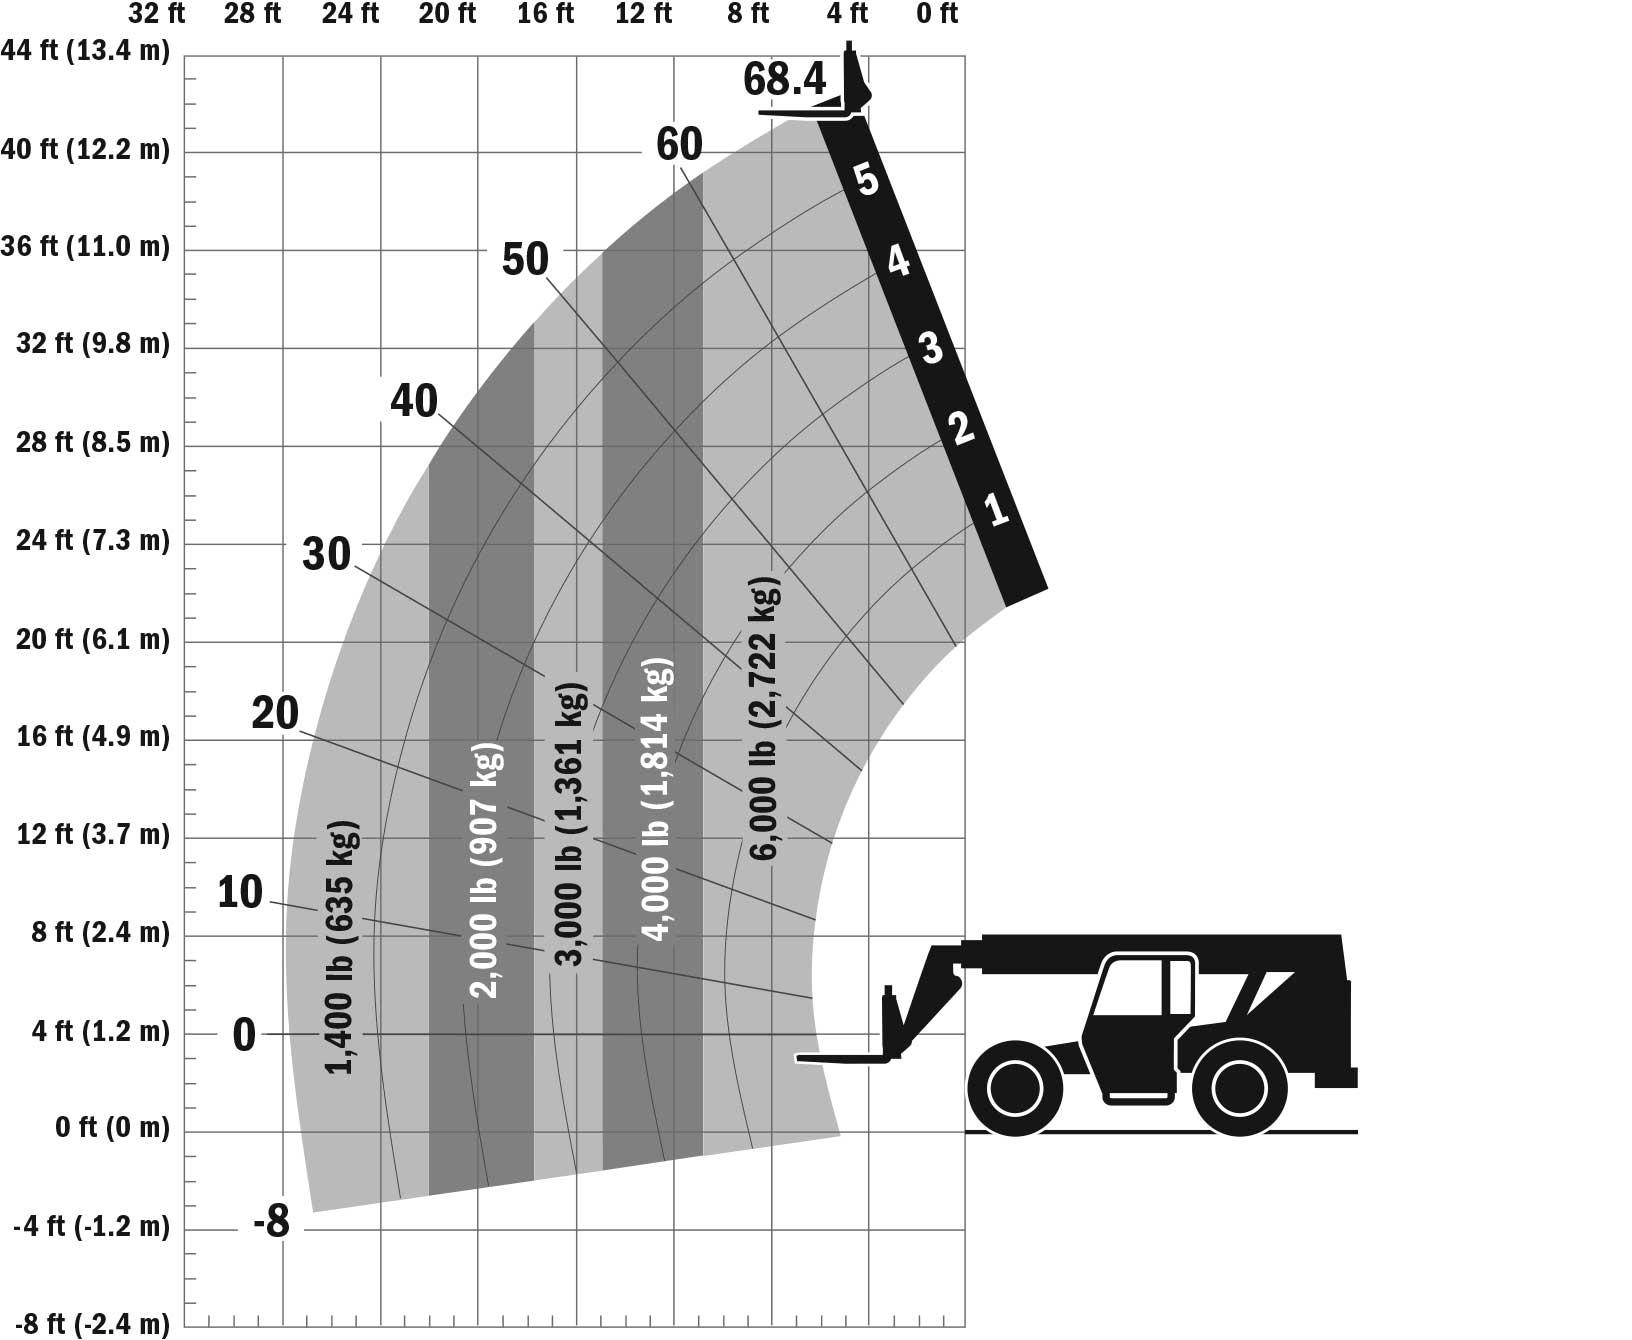 SkyTrack 6042 Telehandler Load Chart